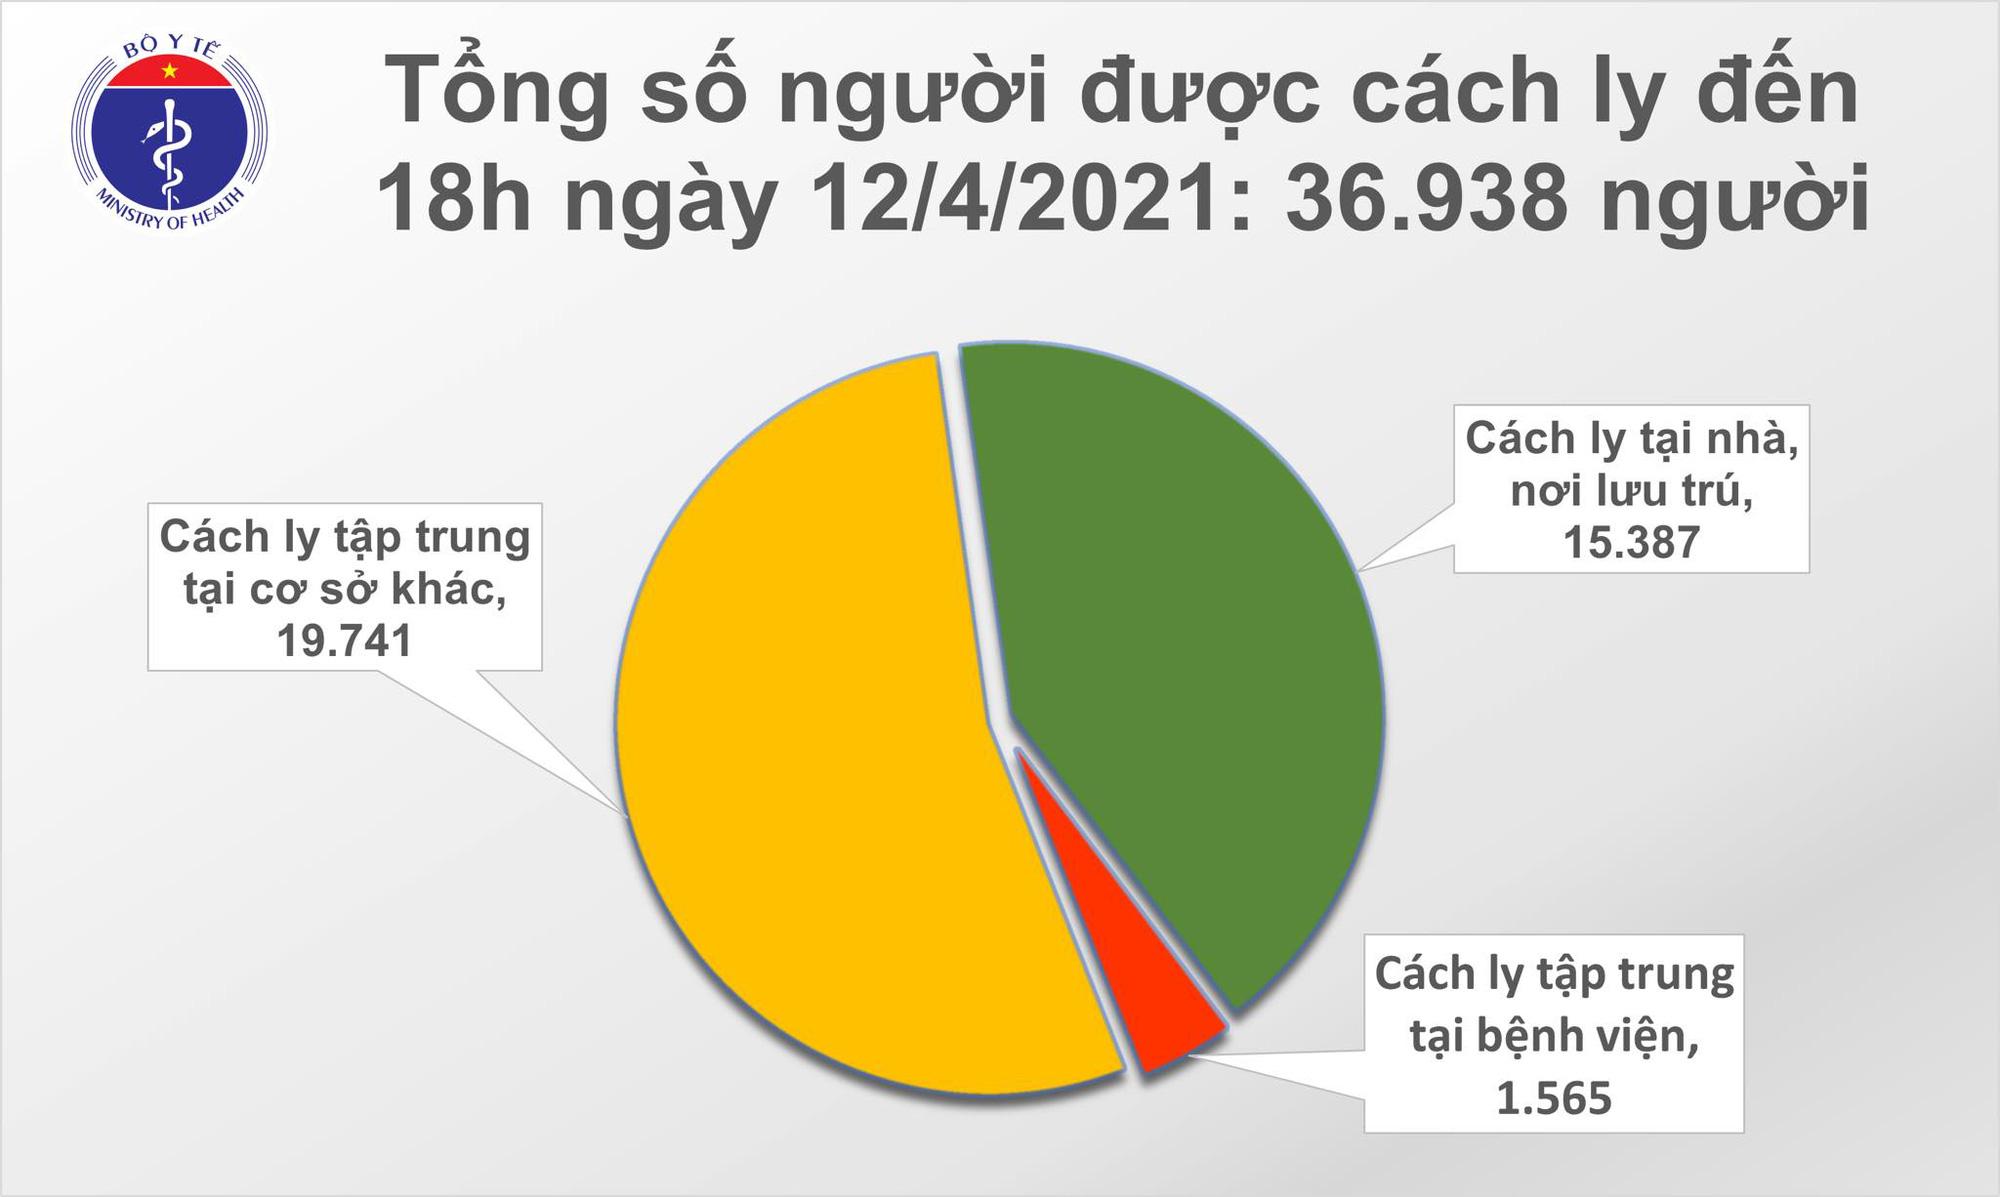 Chiều 12/4, 8 người Việt và 1 chuyên gia người Đức mắc Covid-19  - Ảnh 2.